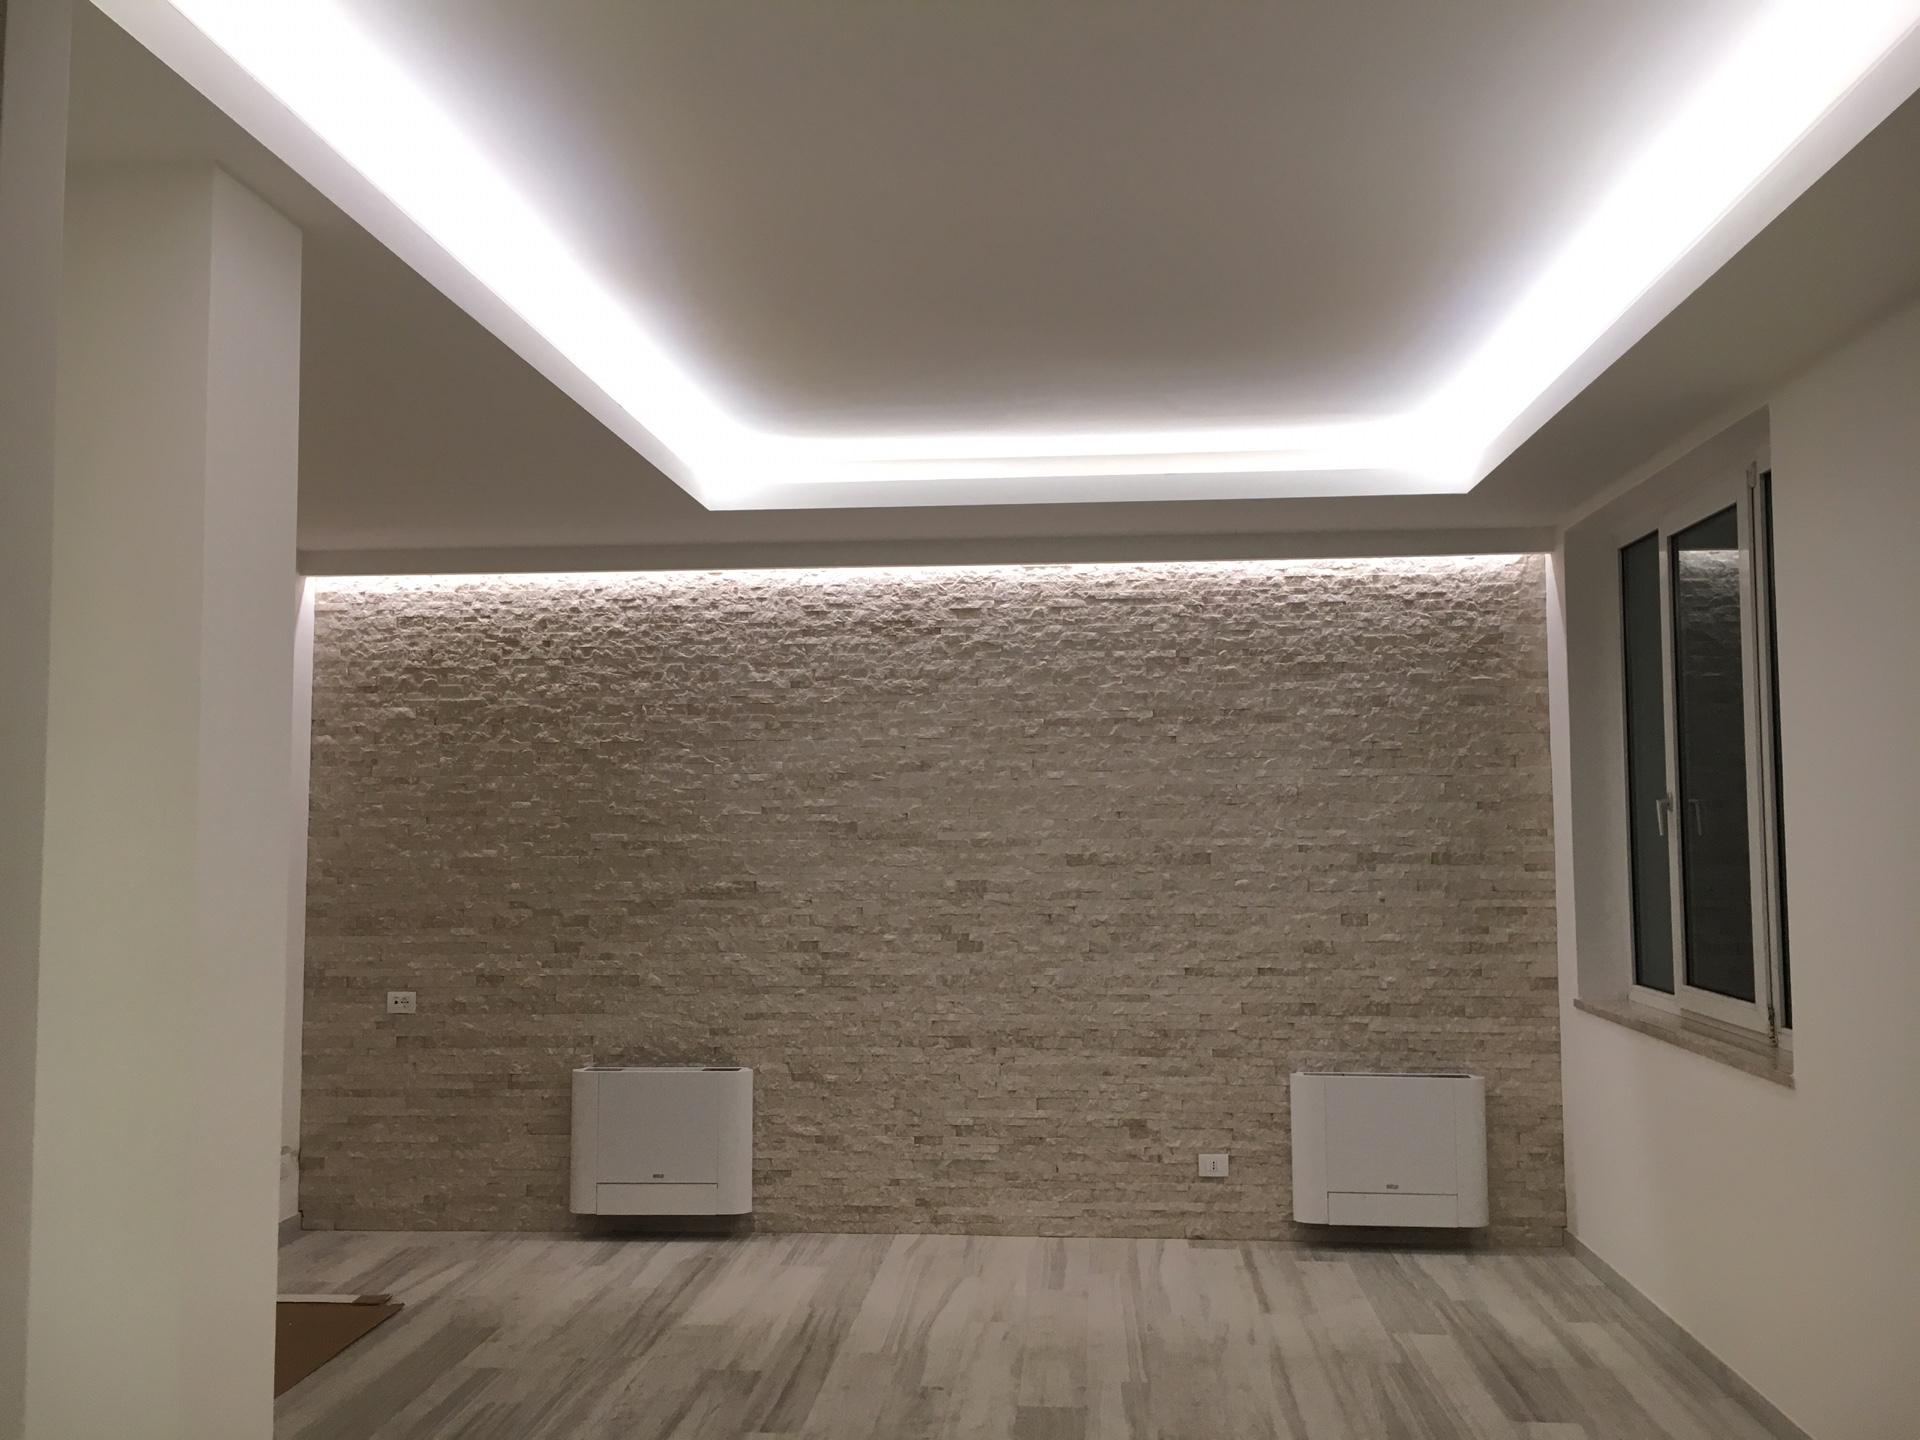 12 idee per illuminare casa e risparmiare u2013 mes retail